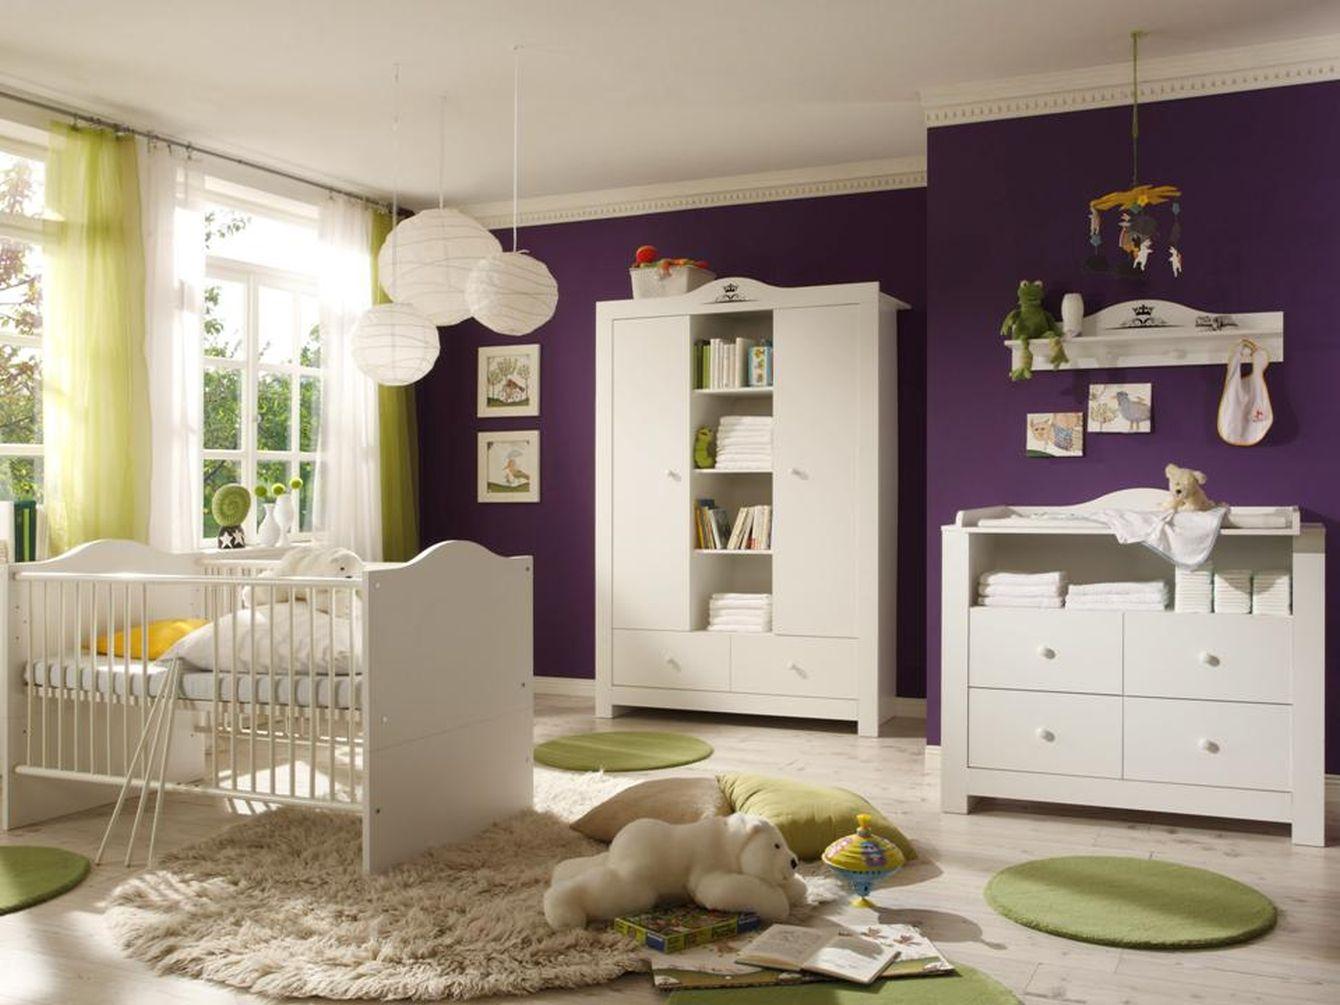 babyzimmer m bel komplett f r eine niedliche gestaltung. Black Bedroom Furniture Sets. Home Design Ideas